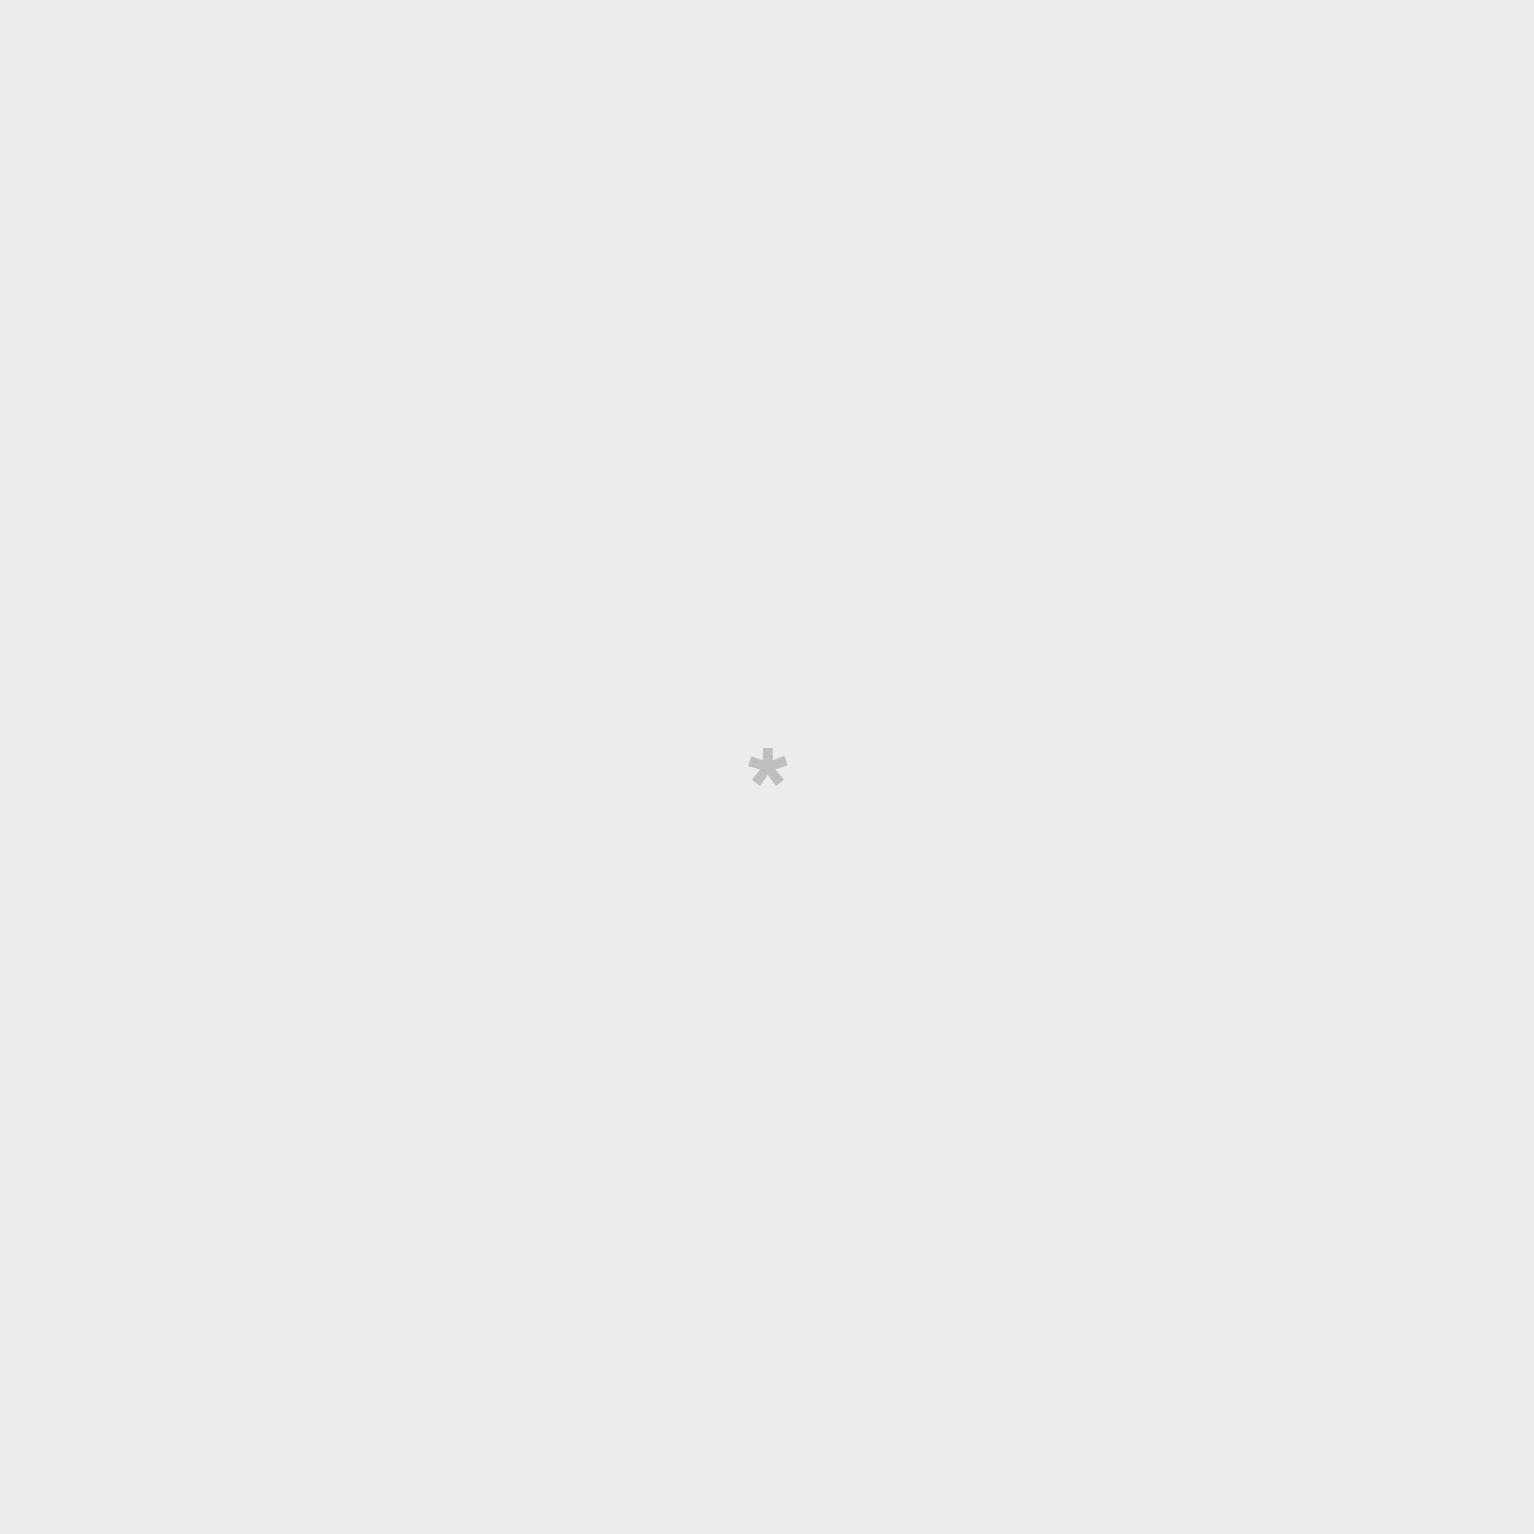 Caderno pequeno - Os meus planos para atingir as minhas metas